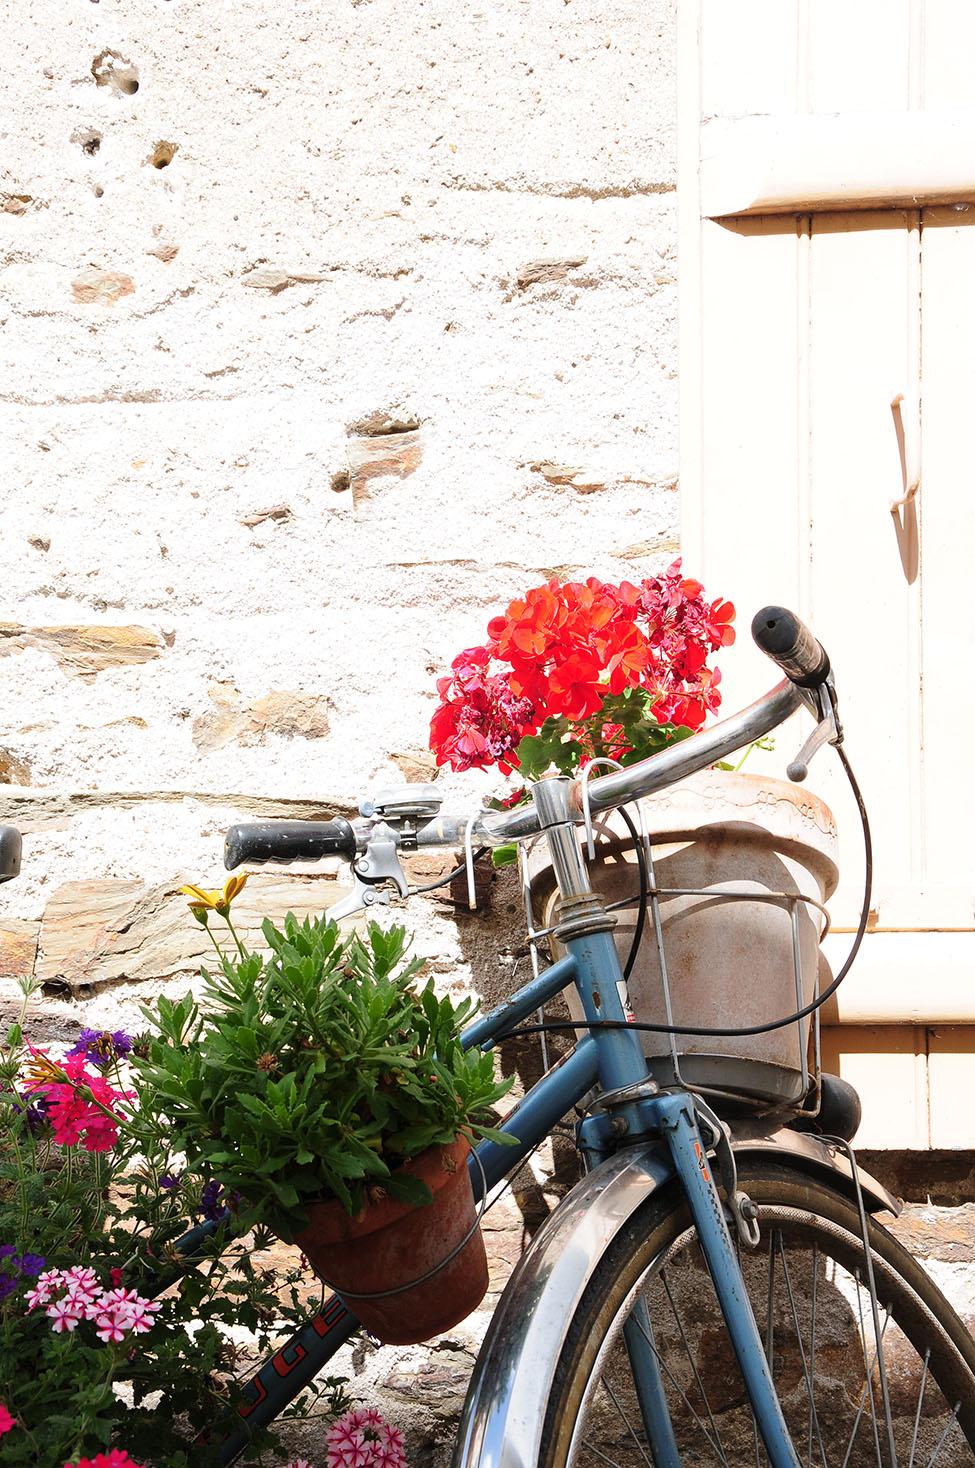 loire à vélo: village de béhuard